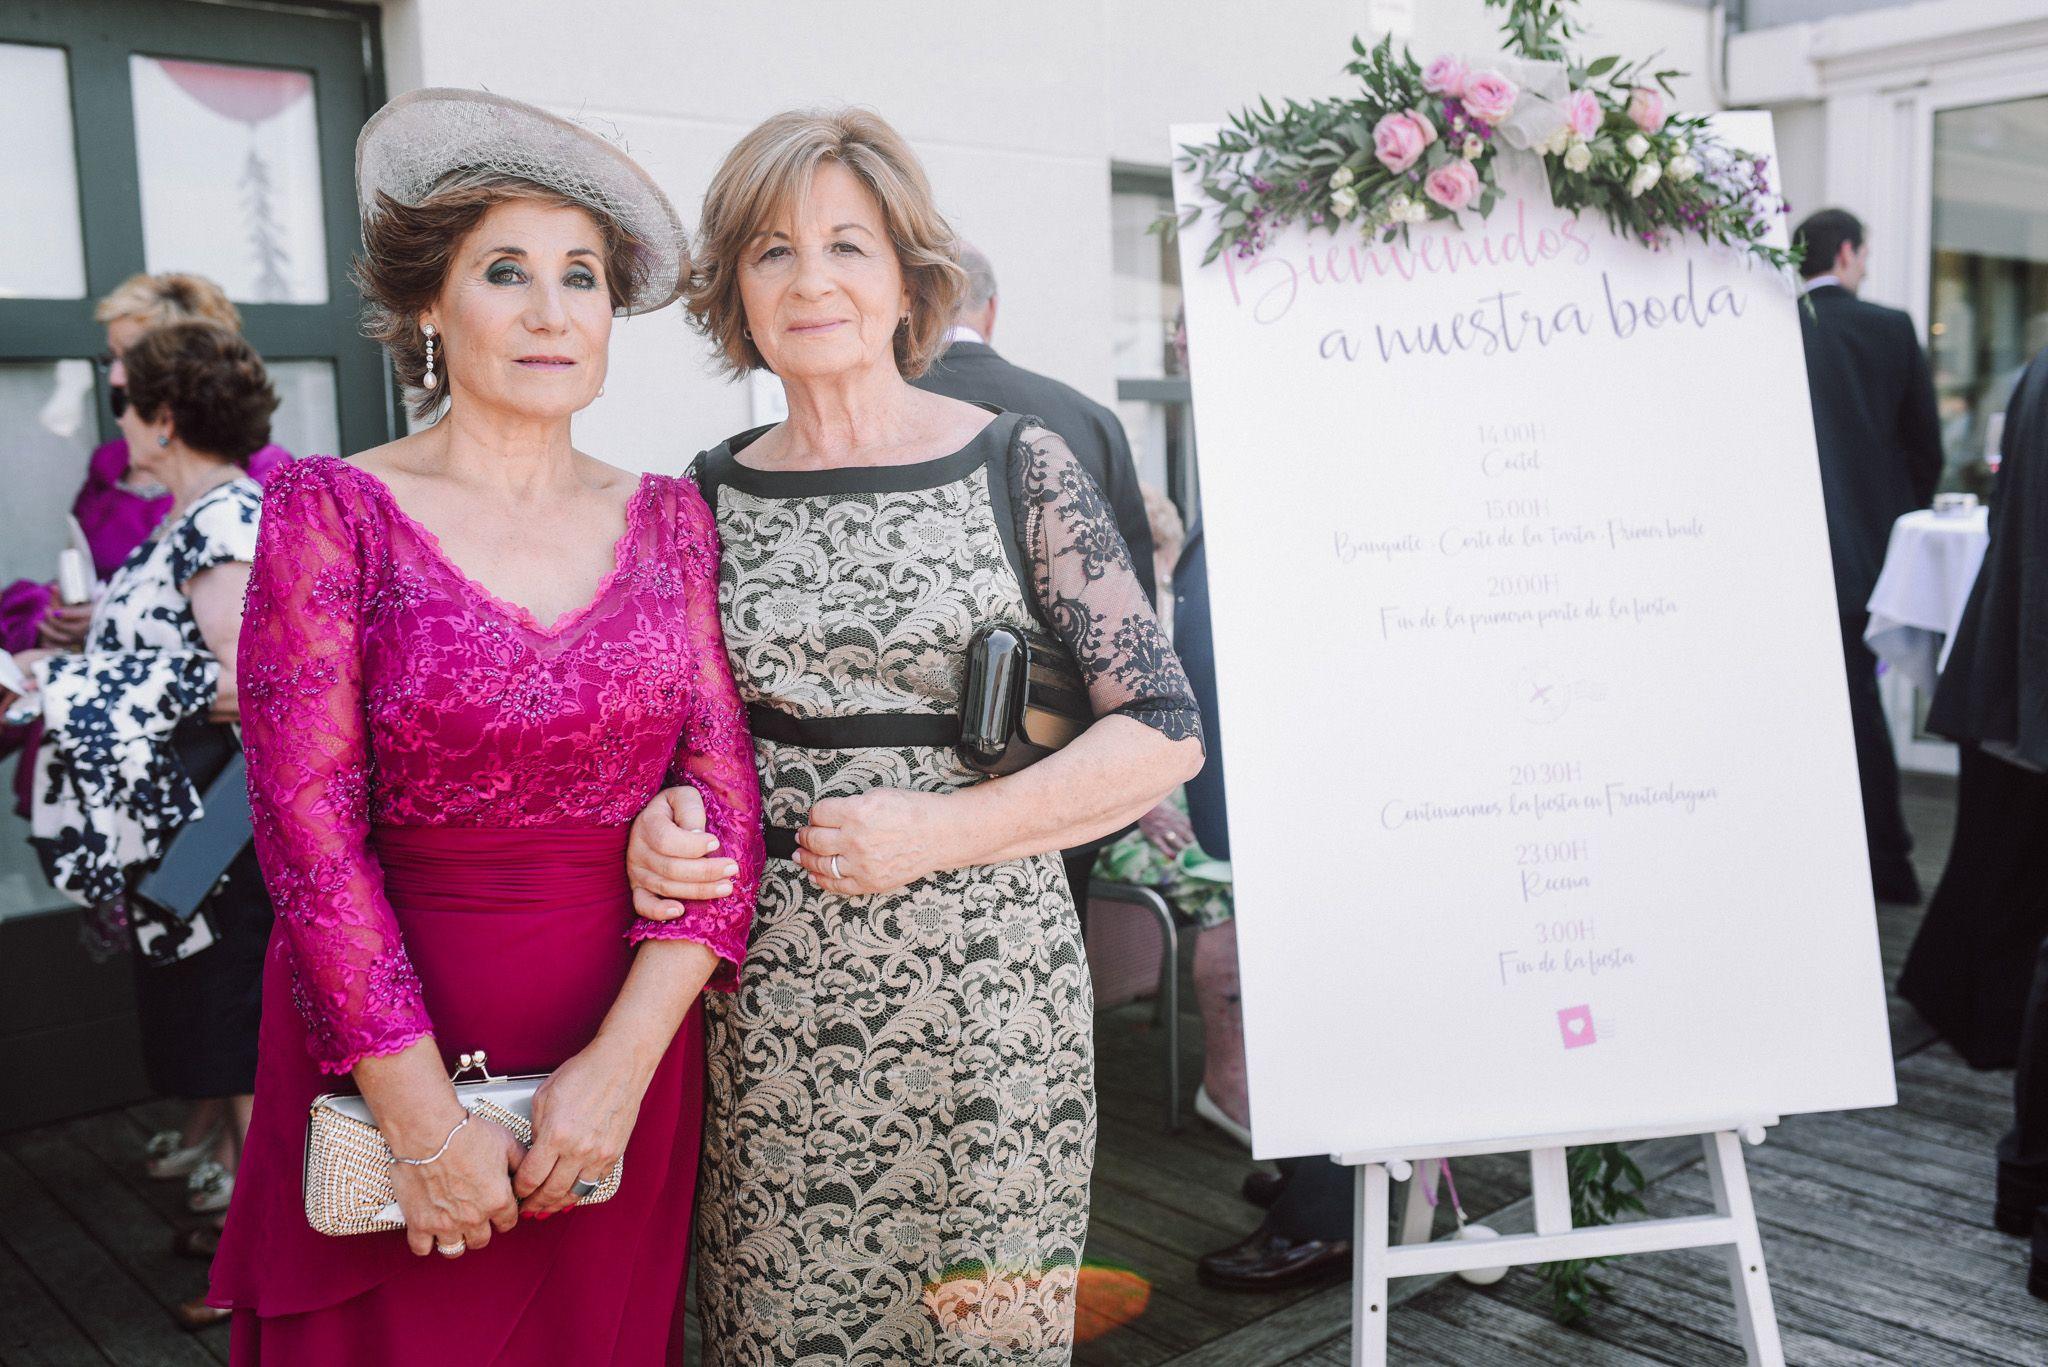 Cartel bienvenida, boda Bilbao Hesperia Zubialde